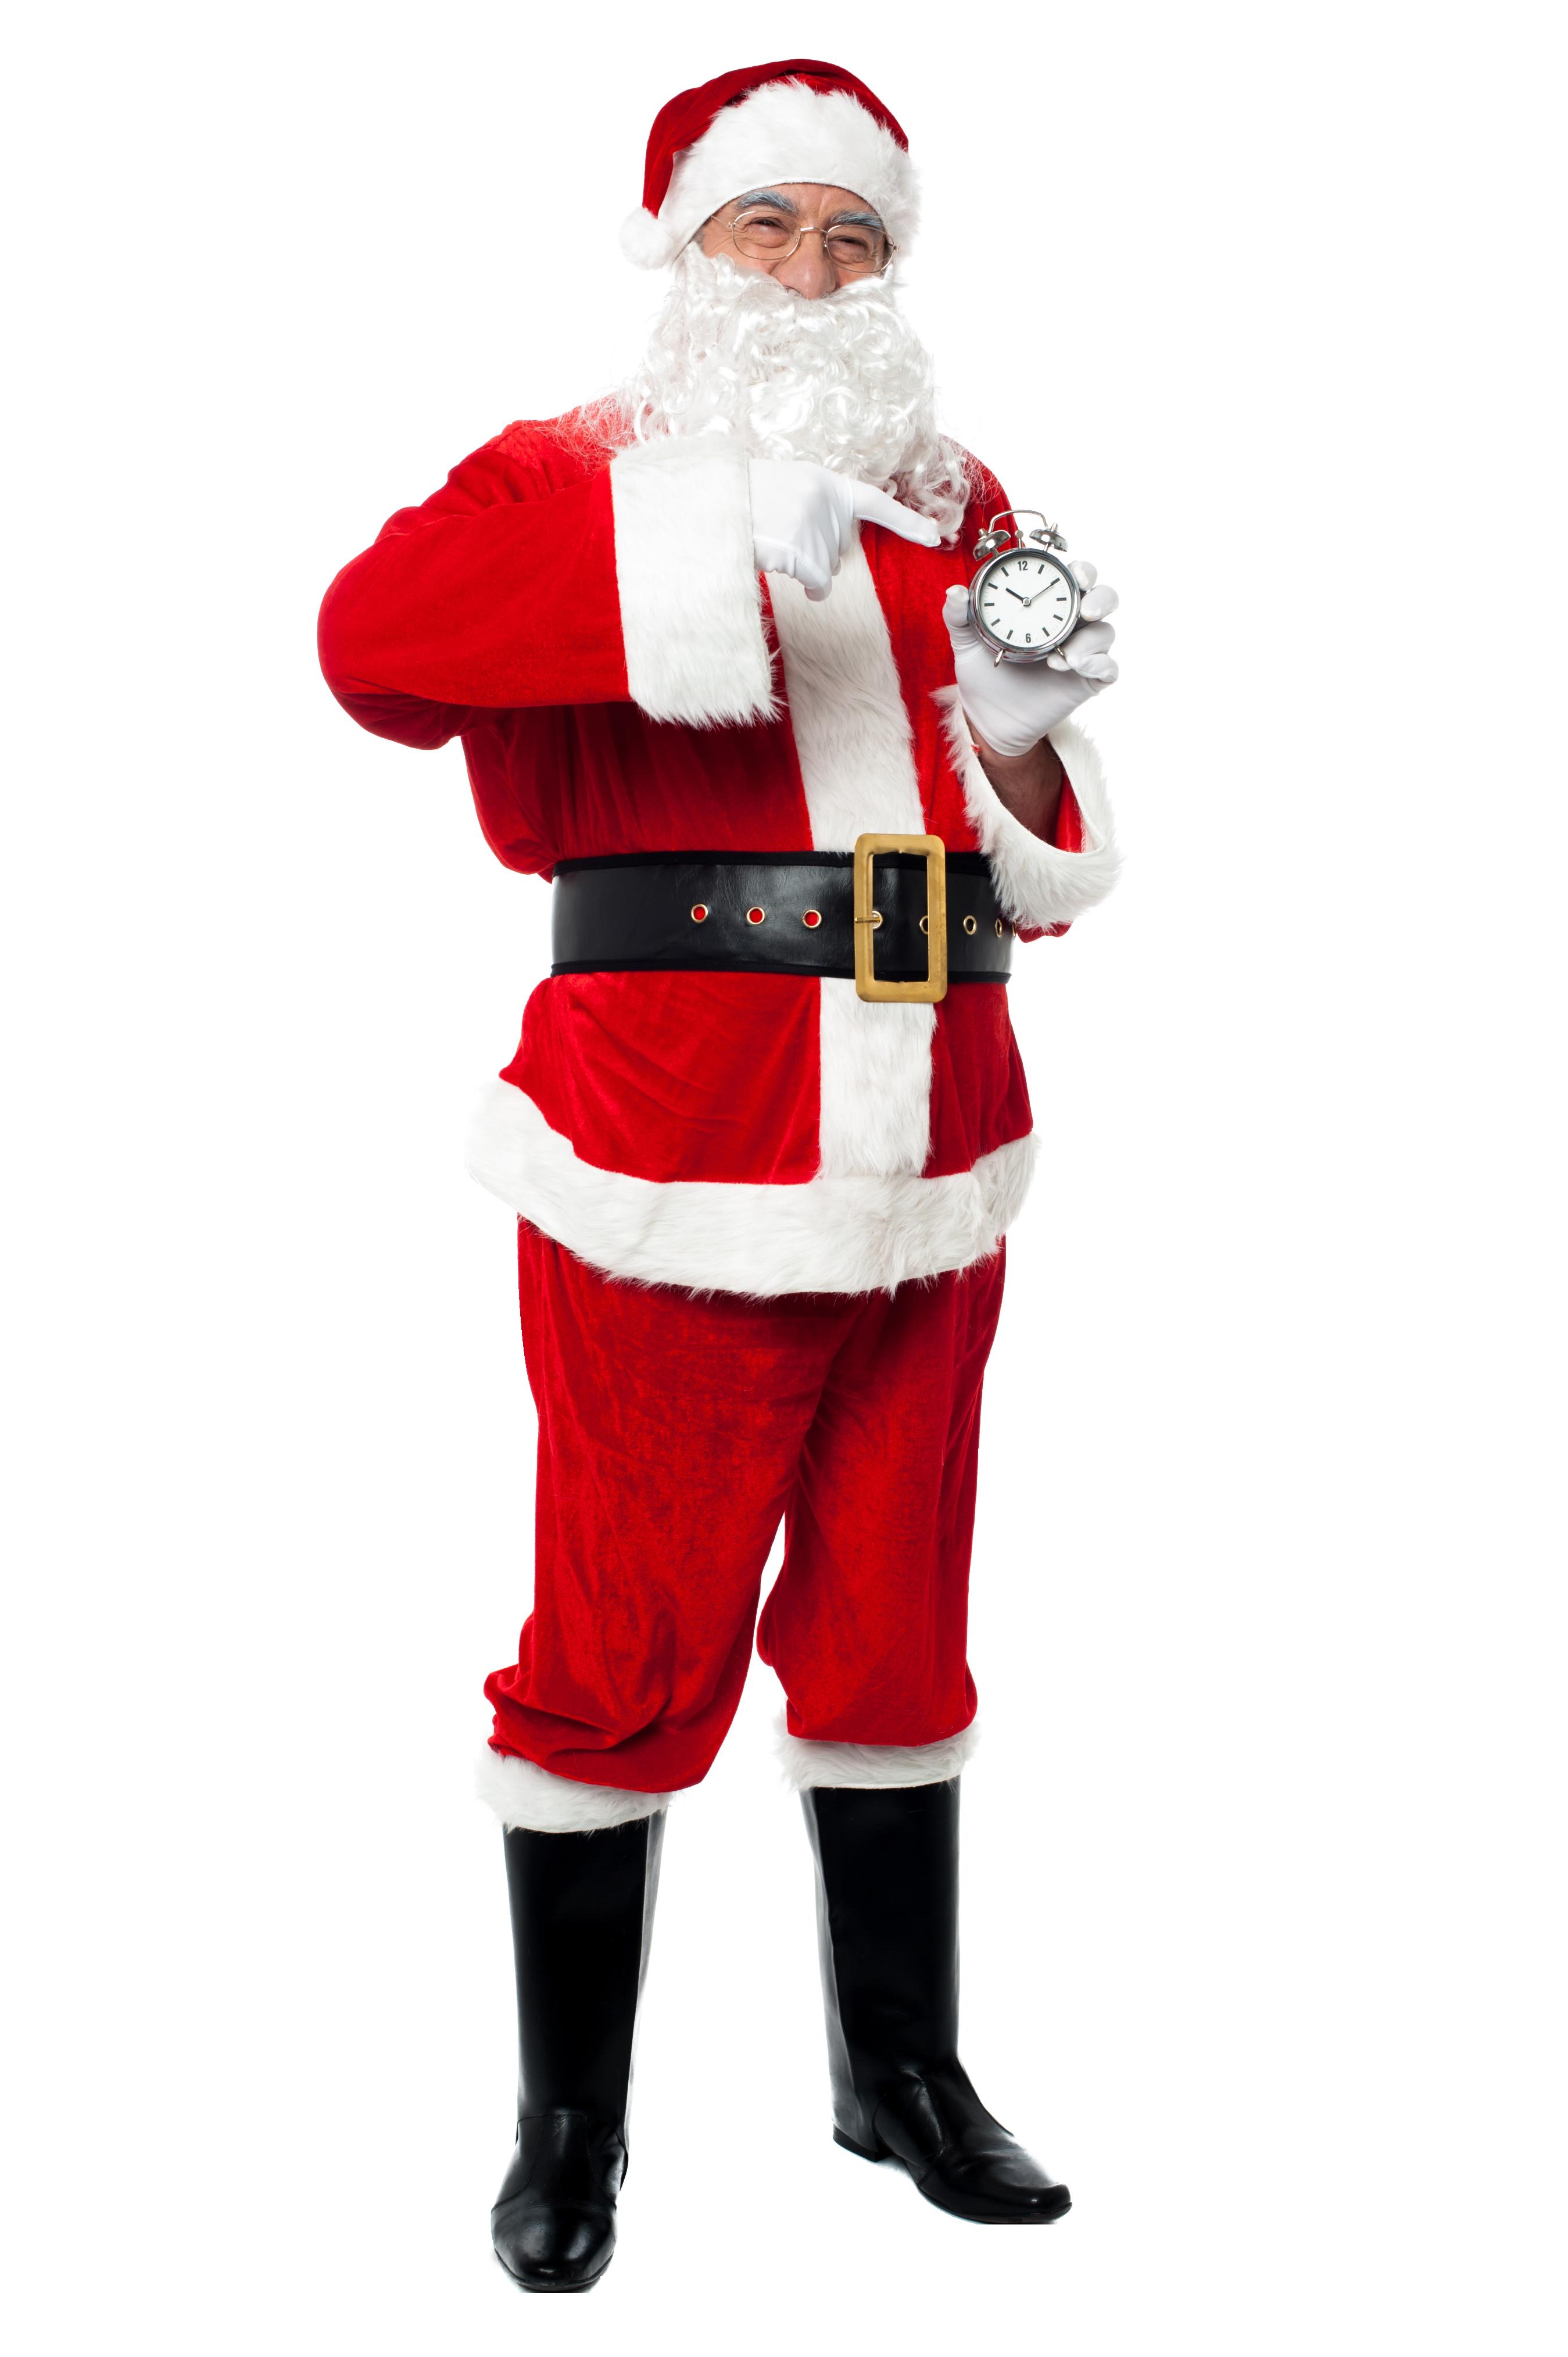 Santa Claus Png Image Santa Costume Santa Suits Santa Claus Costume